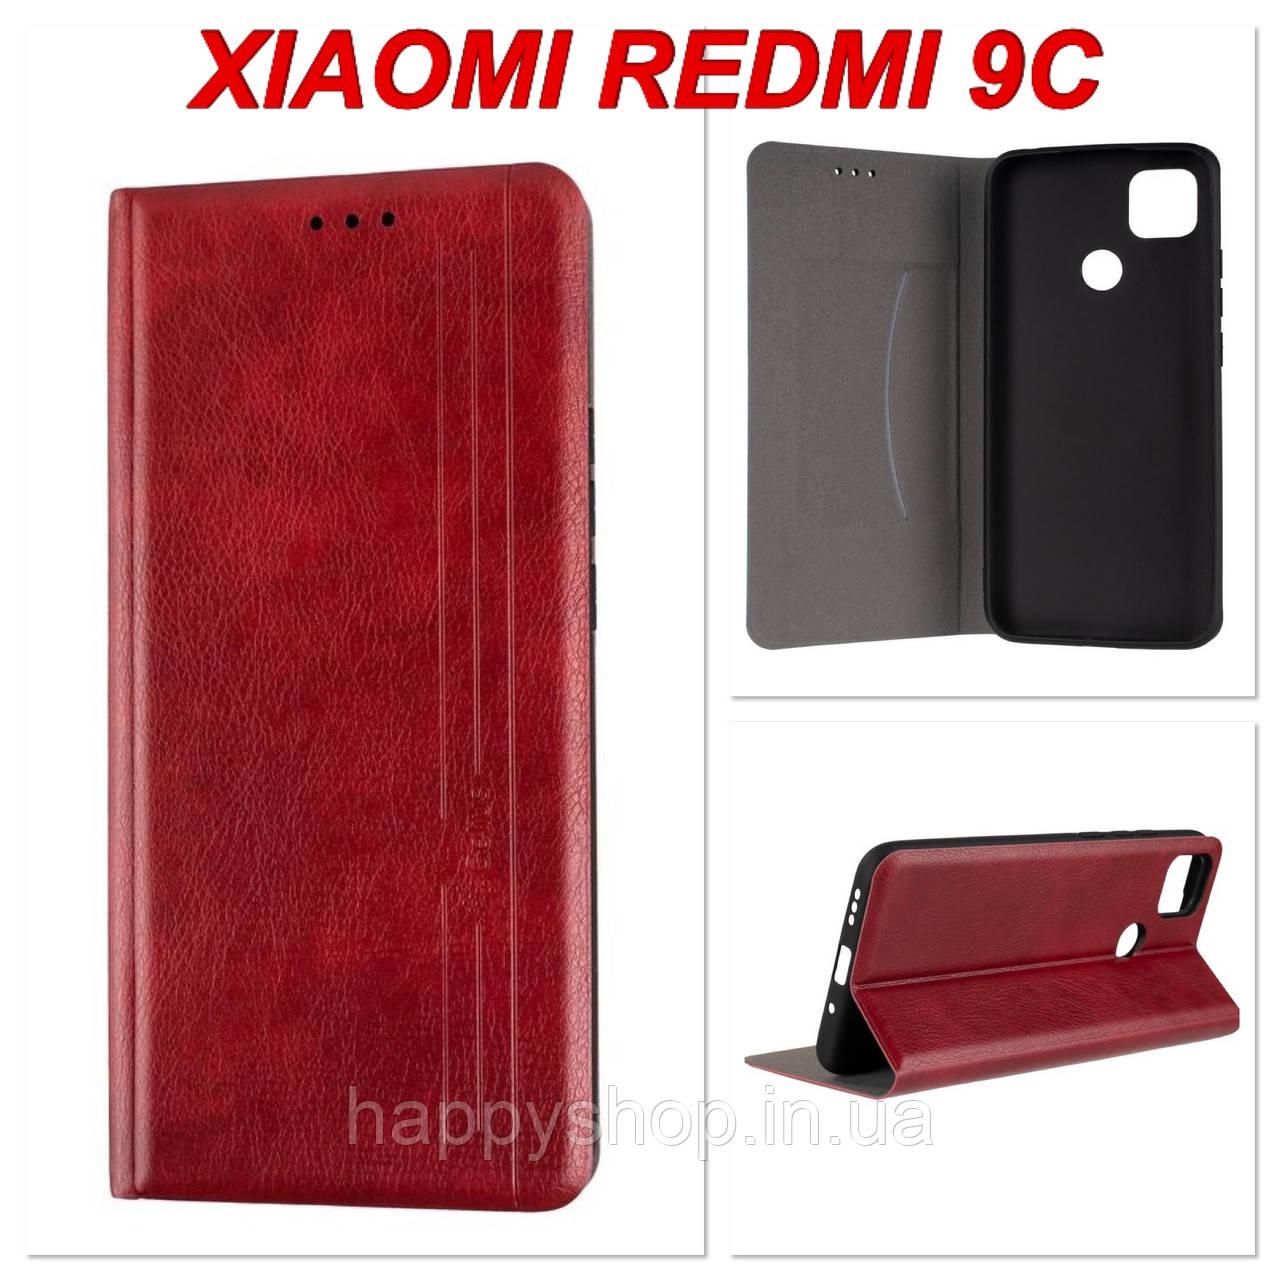 Чехол-книжка Gelius Leather New для Xiaomi Redmi 9C (Красный)